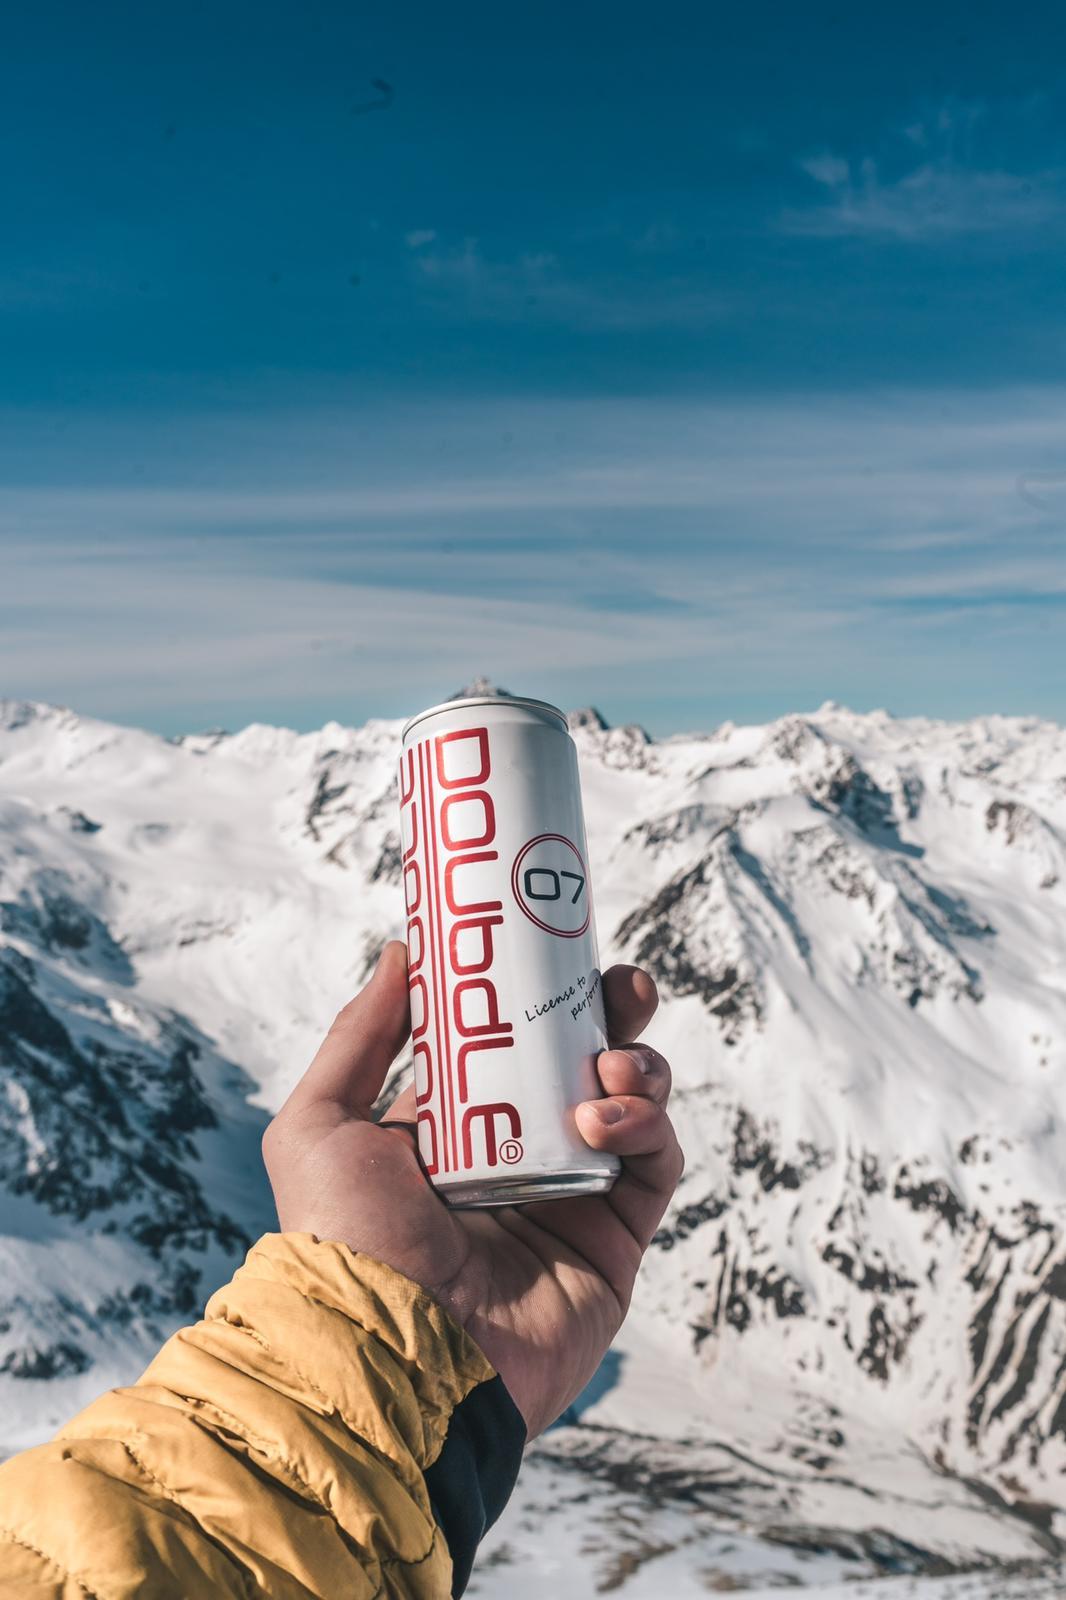 doubdle blik in hand met besneeuwde bergen in de achtergrond